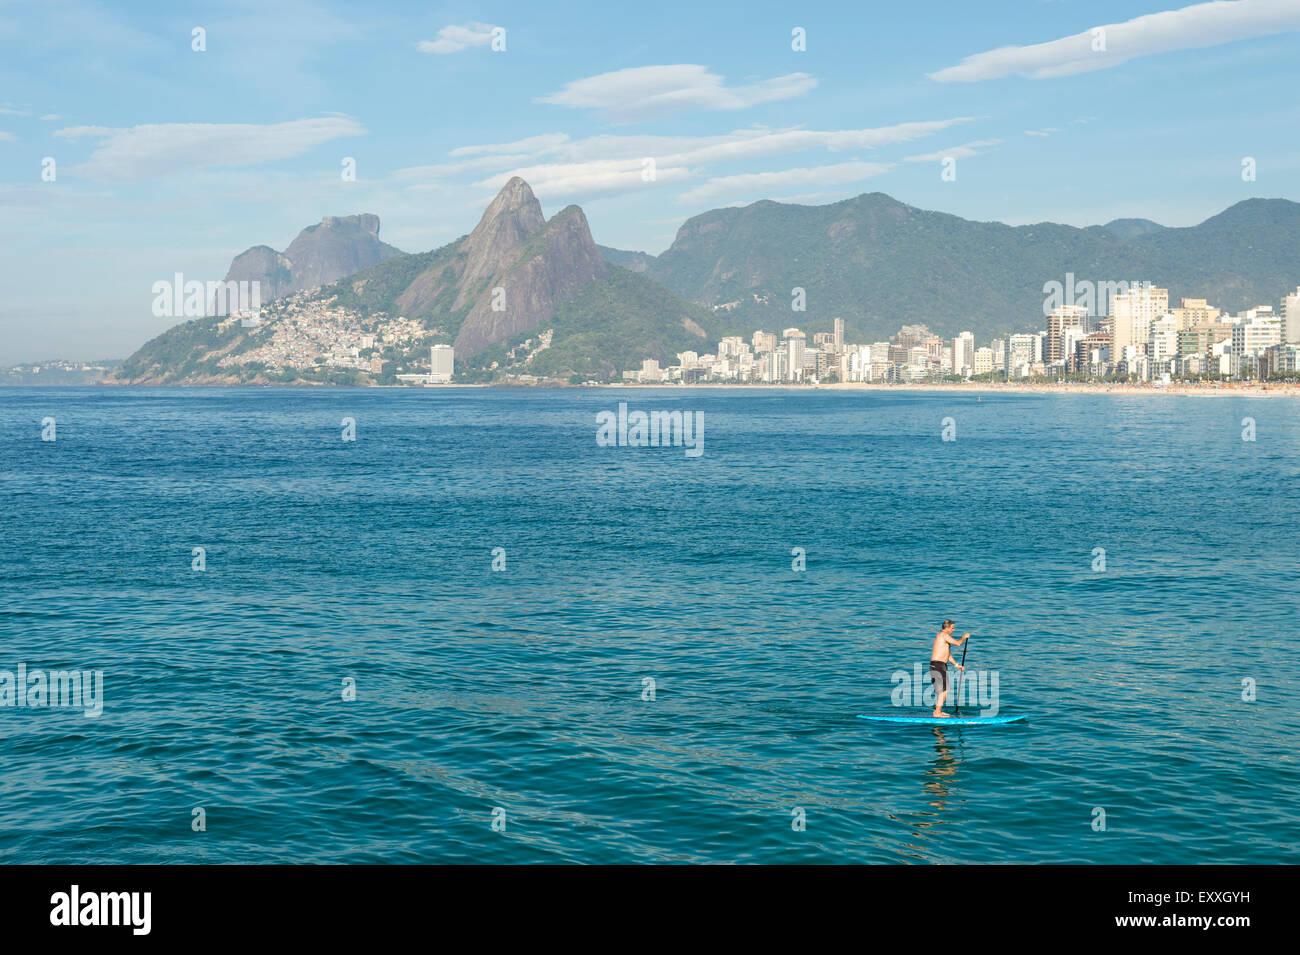 RIO DE JANEIRO, Brésil - le 22 mars 2015: une paire de passionnés de stand up paddle le long de Photo Stock